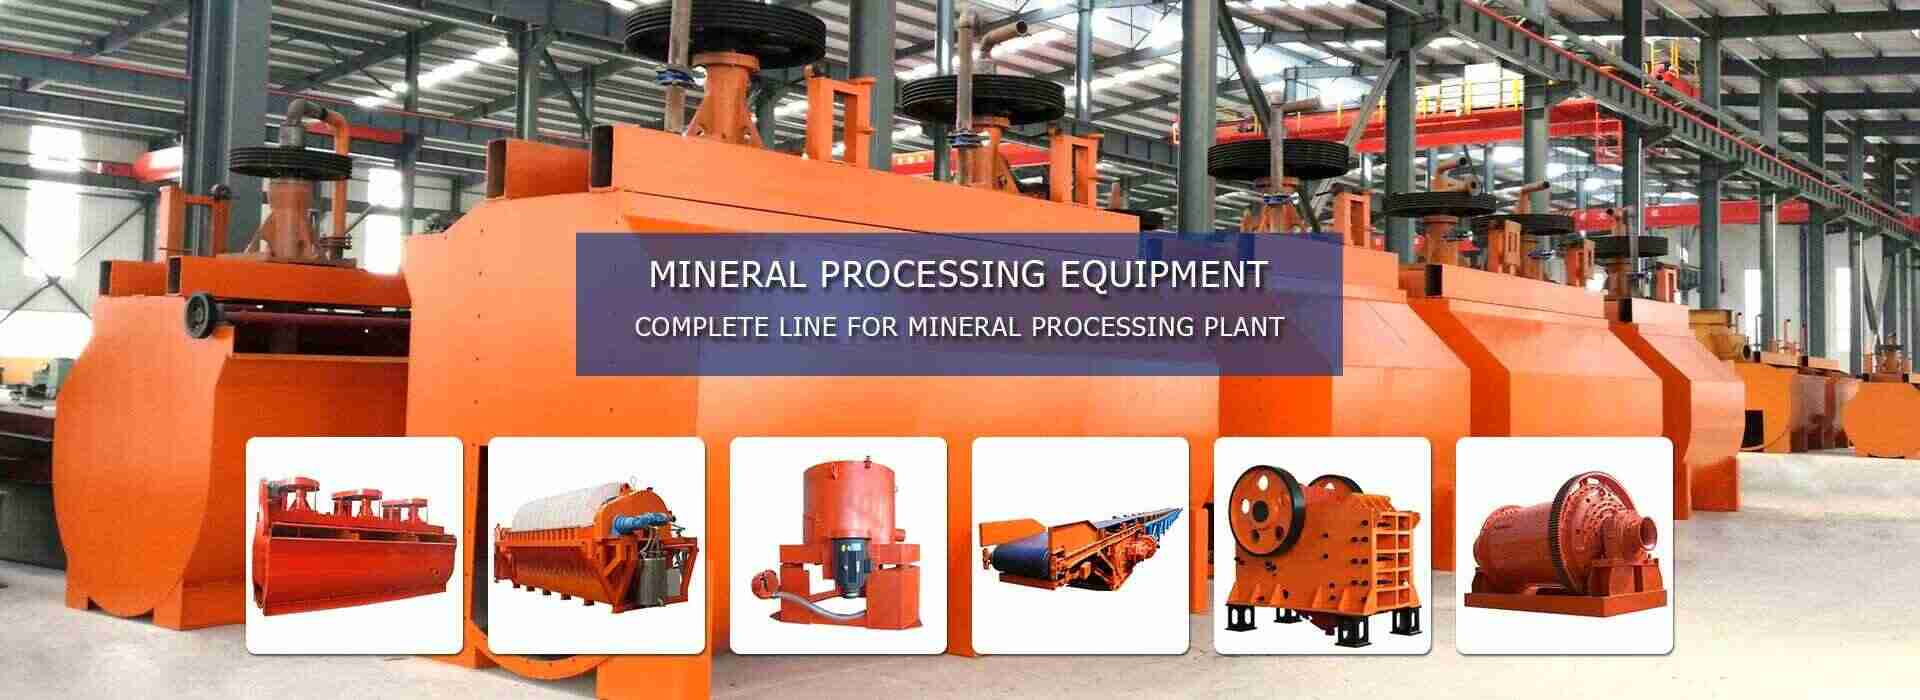 选矿设备海报